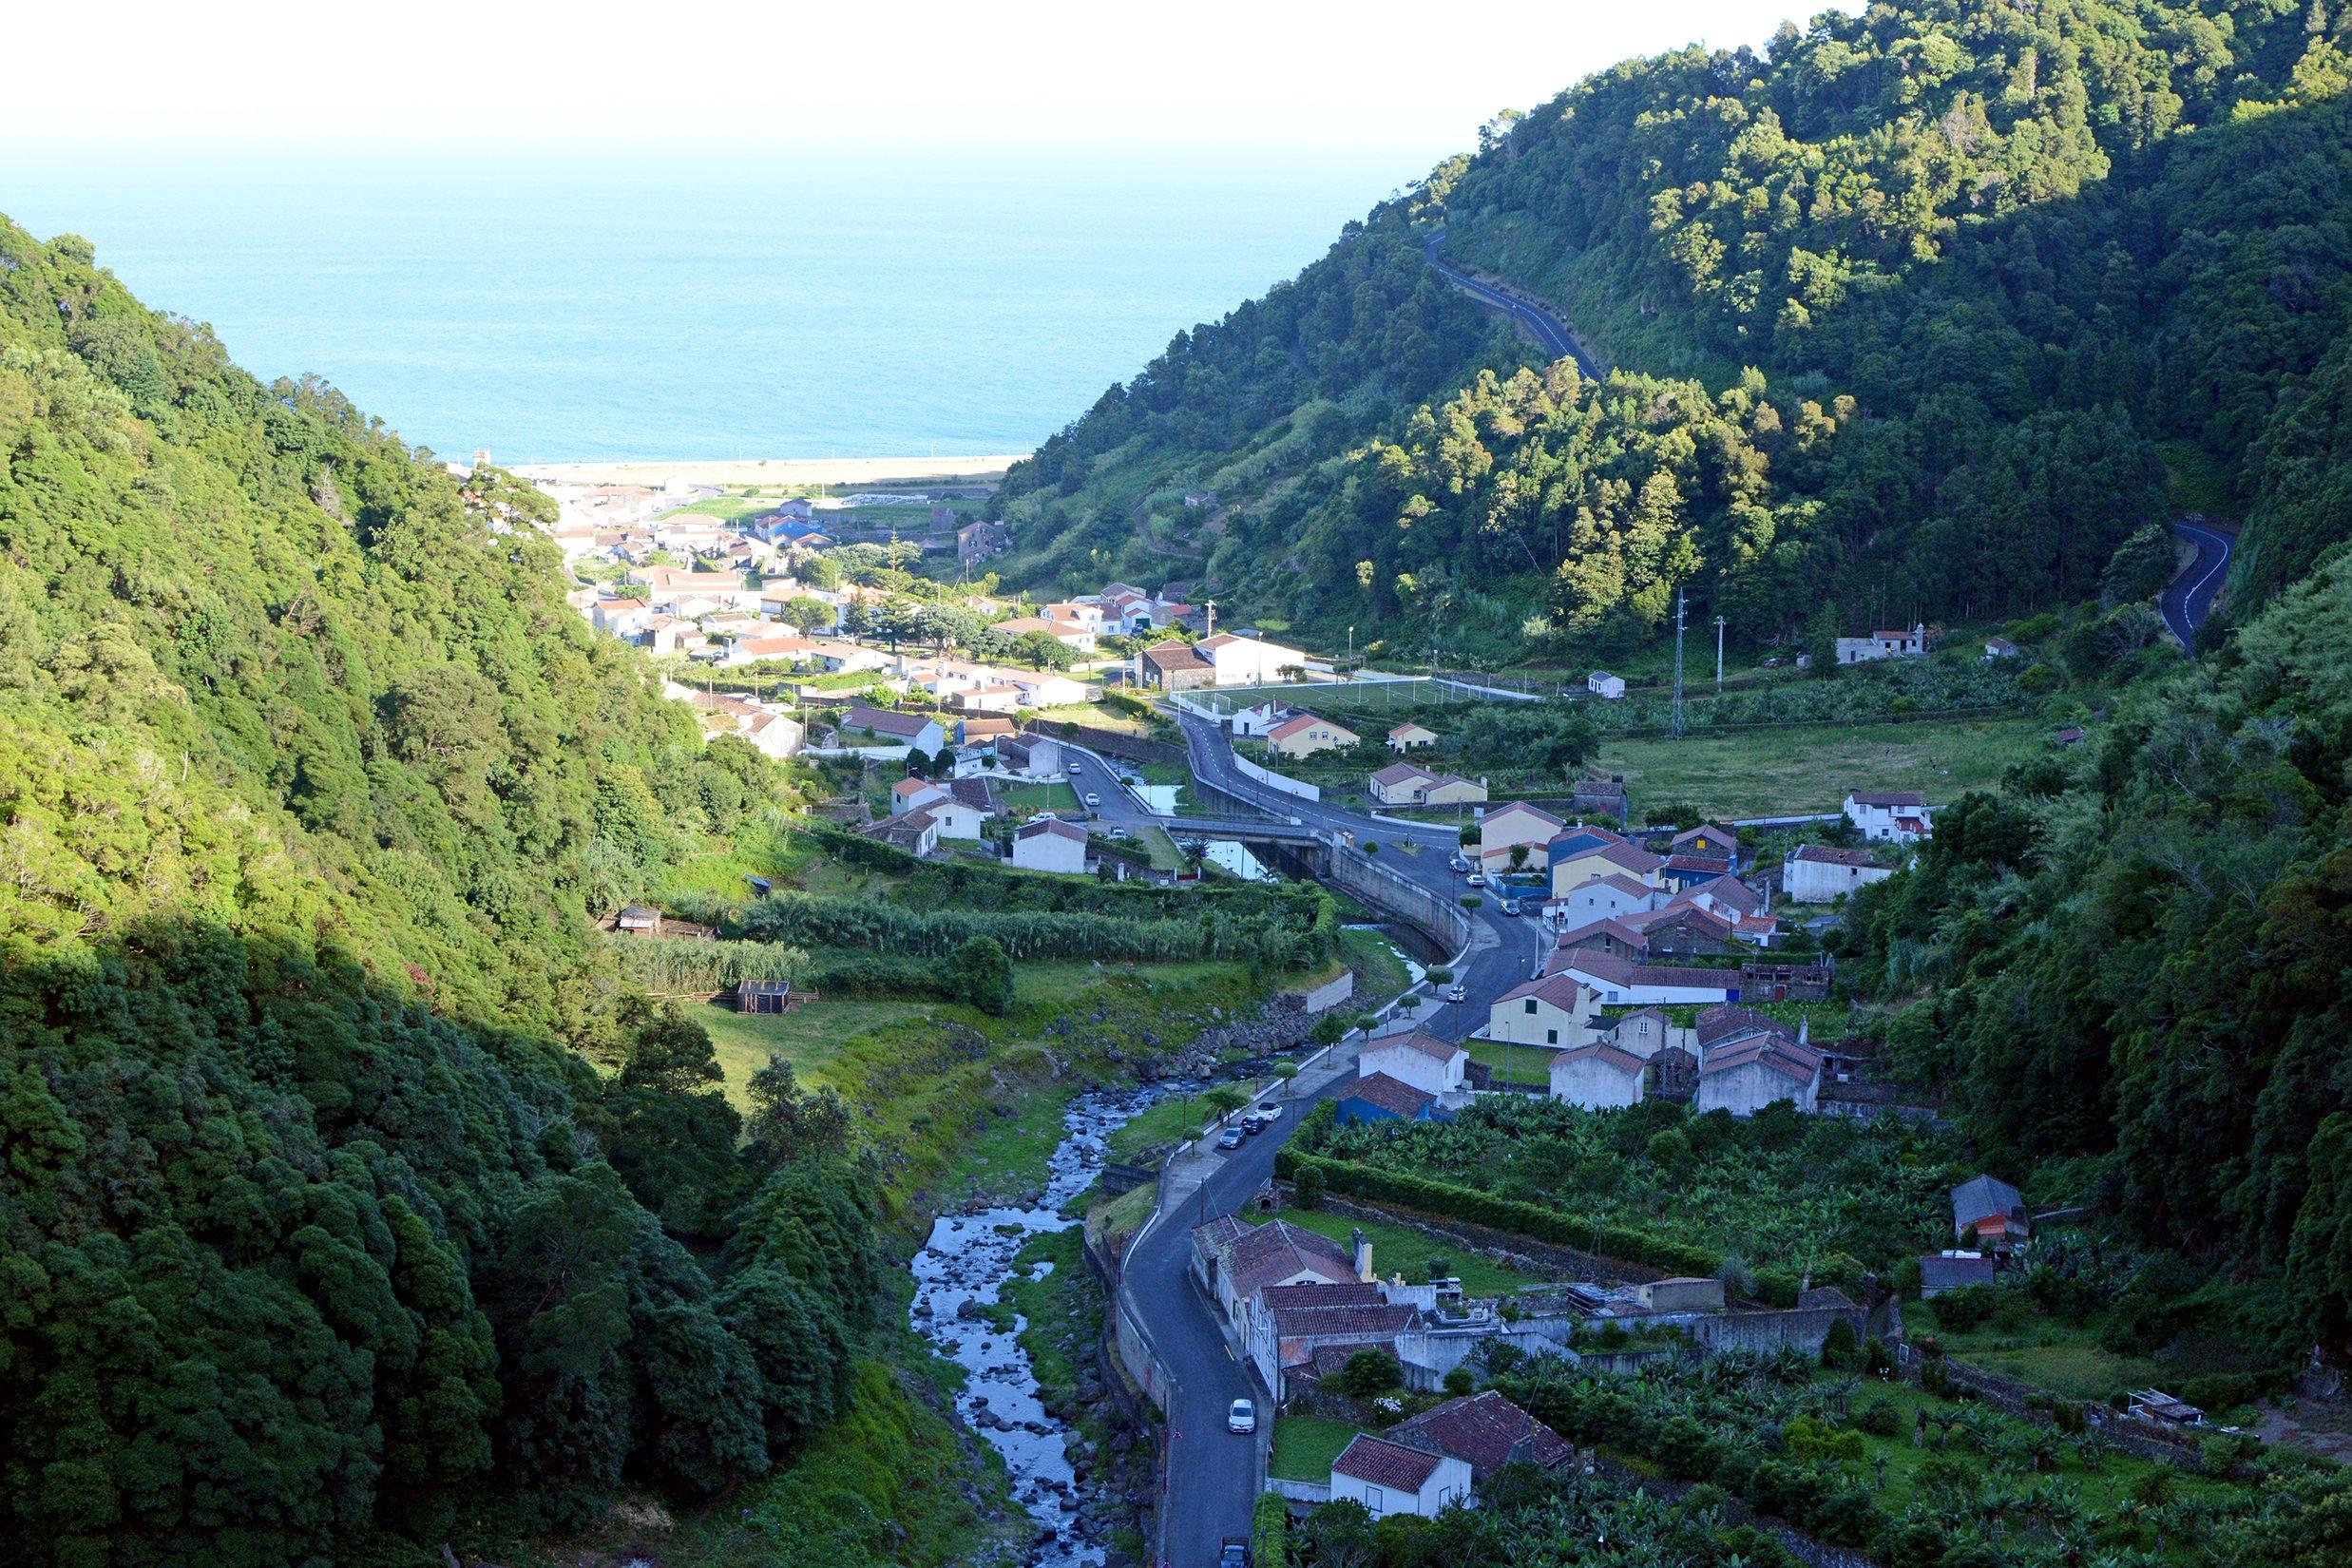 Salto Do Prego - Sanguinho Hiking Tour From Ponta Delgada_4